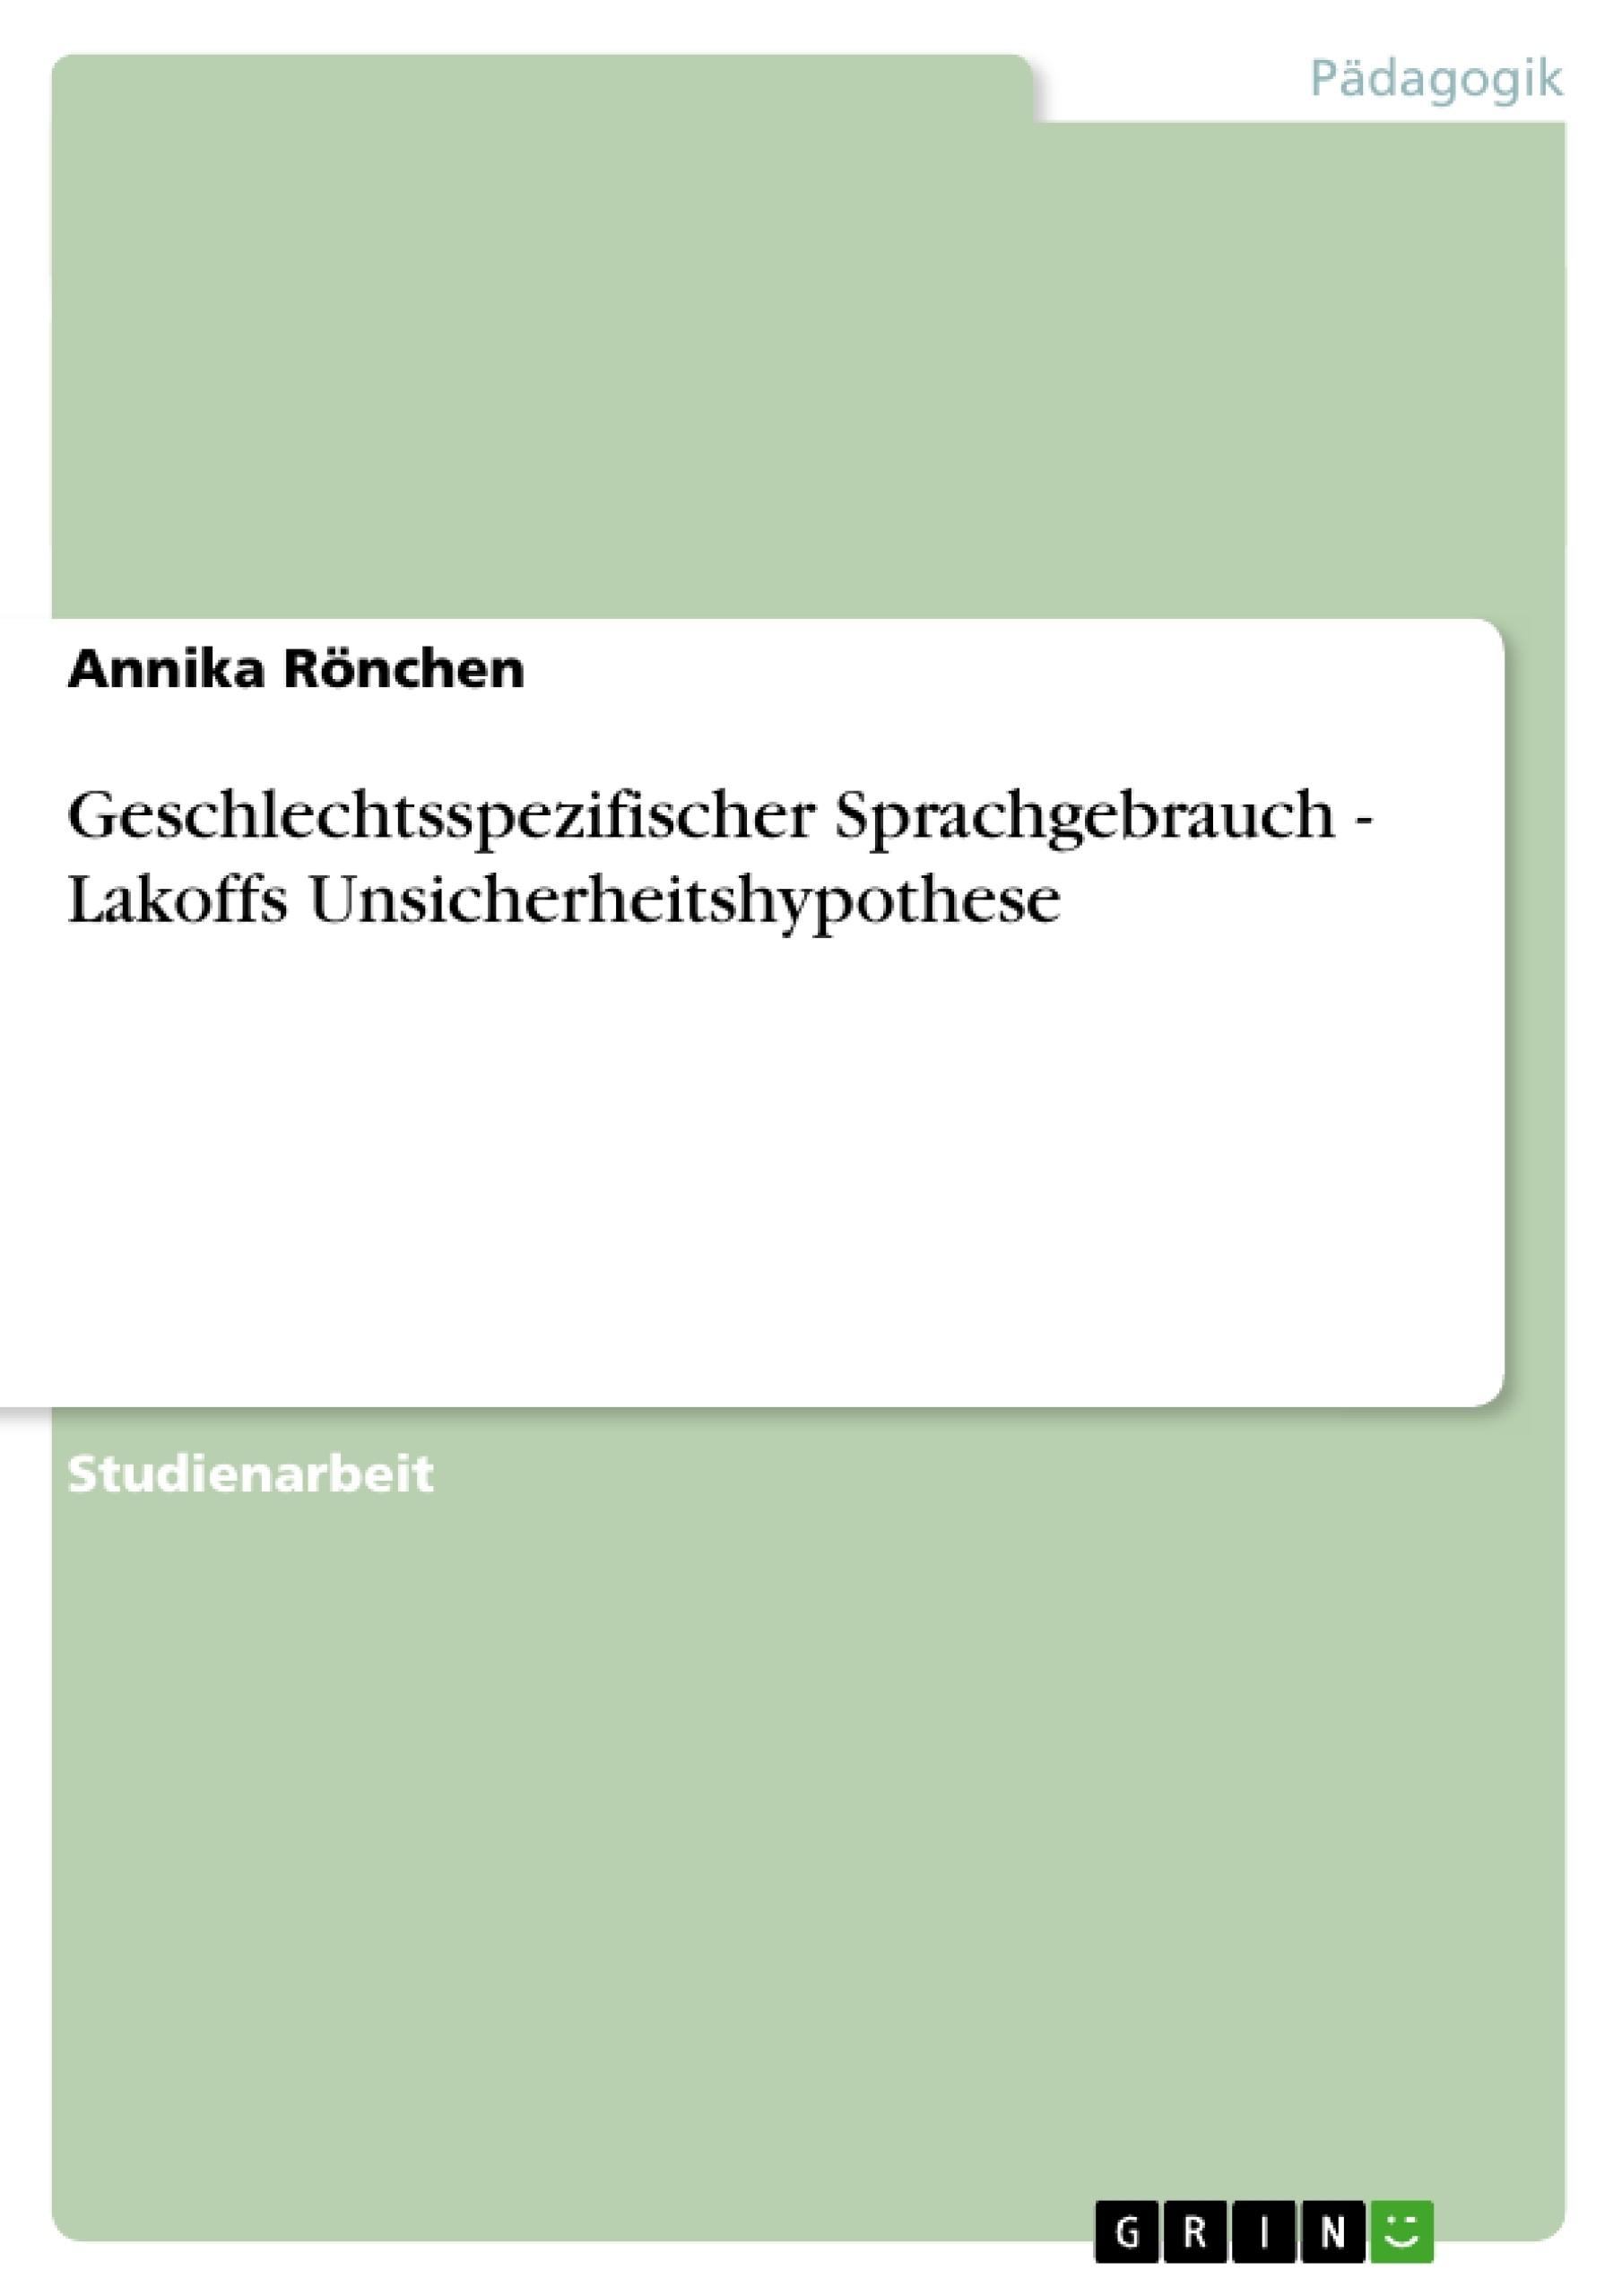 Titel: Geschlechtsspezifischer Sprachgebrauch - Lakoffs Unsicherheitshypothese